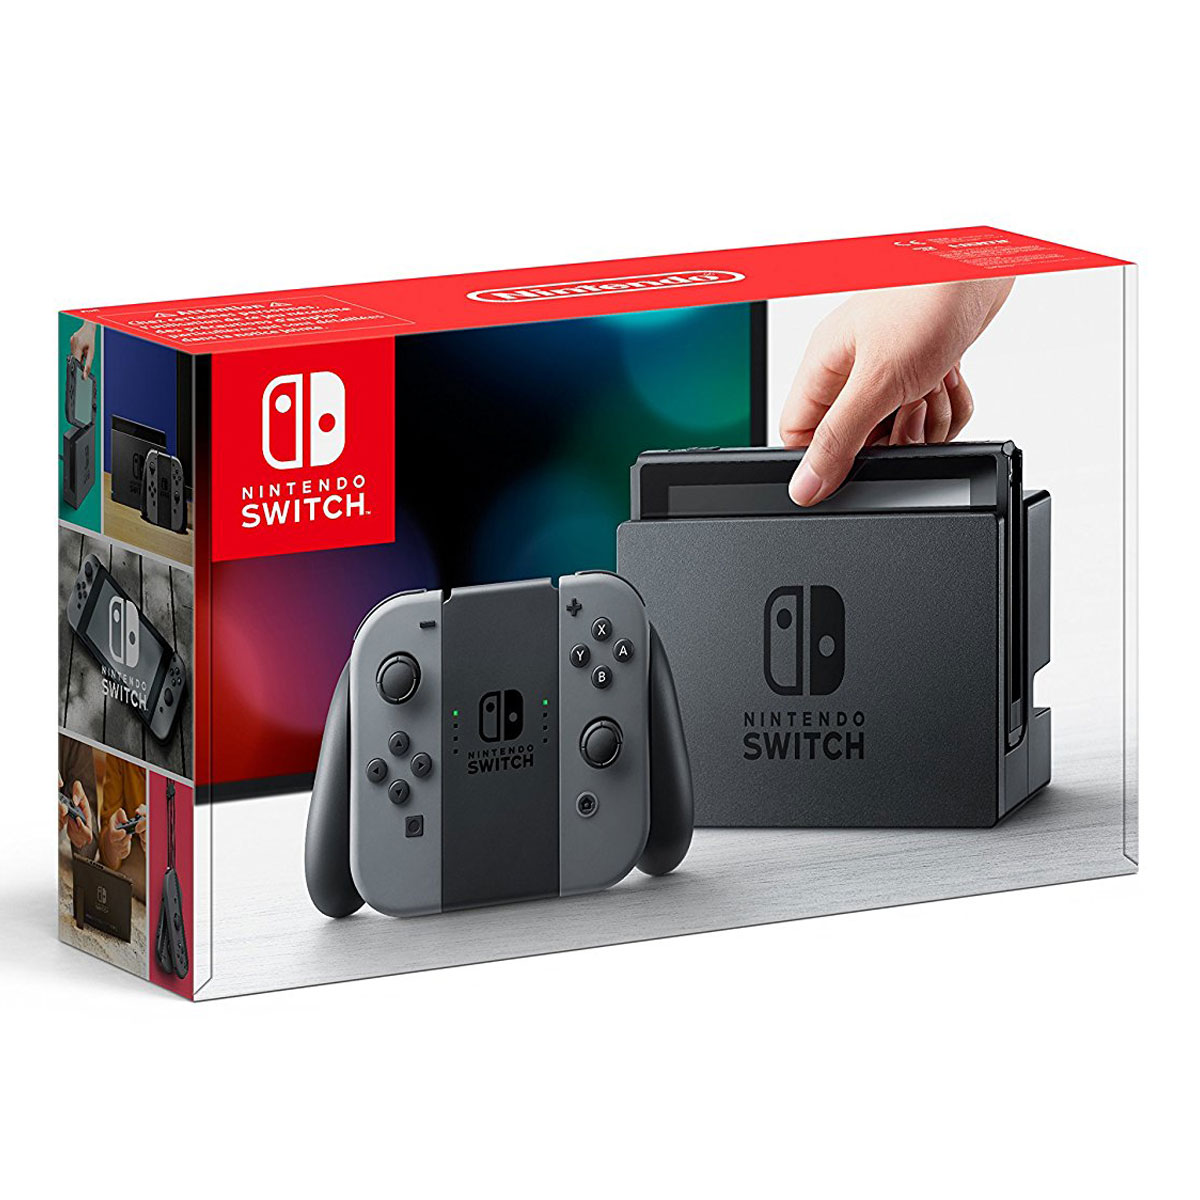 Console Nintendo Switch Nintendo Switch + Joy-Con droit et gauche (gris) Console de jeux-vidéo hybride salon / portable